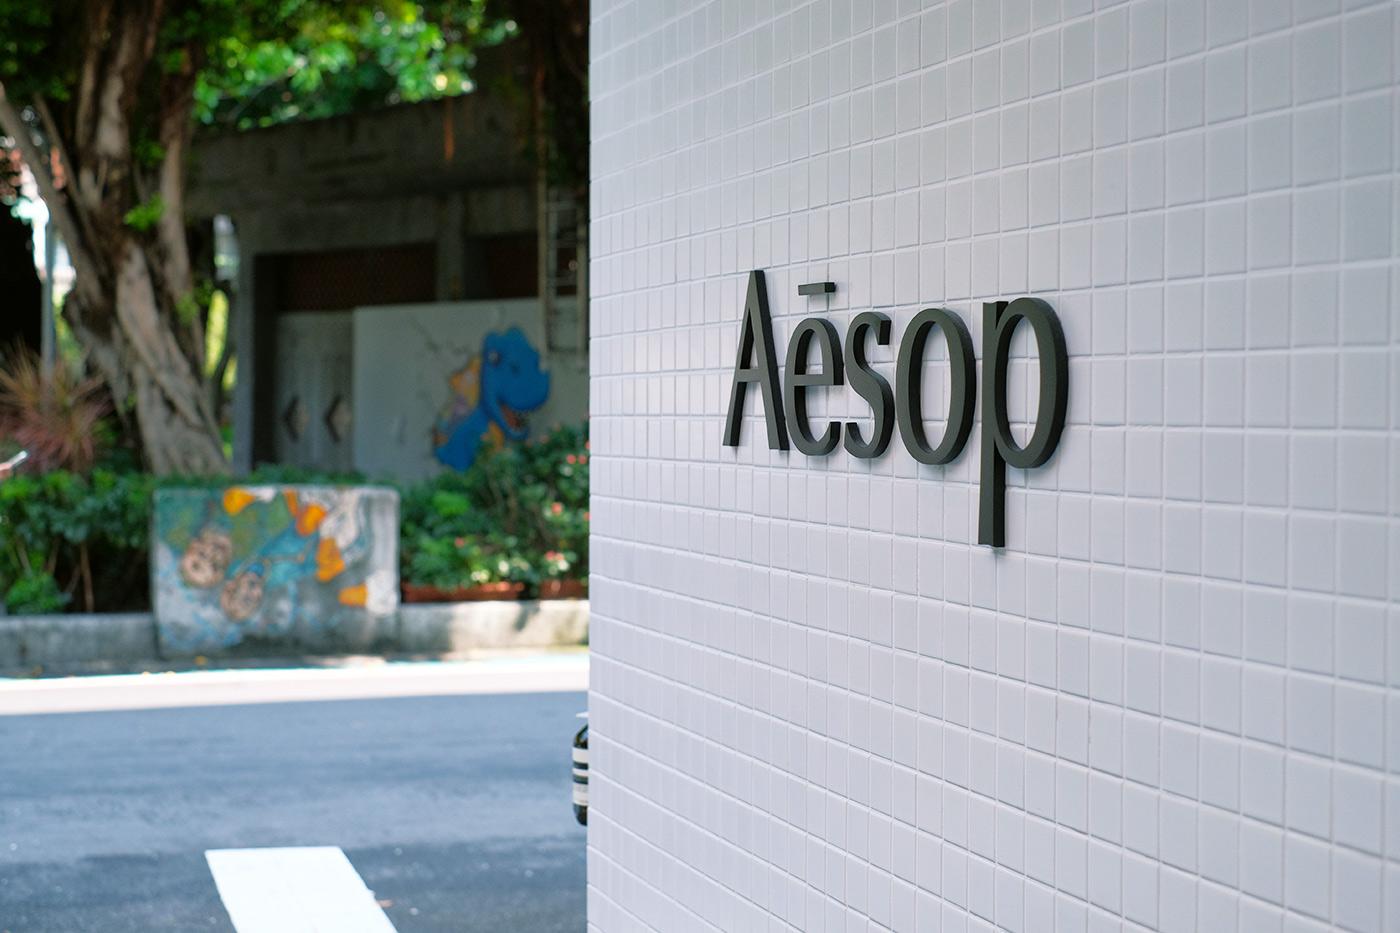 aesop-dongmen-new-open-05